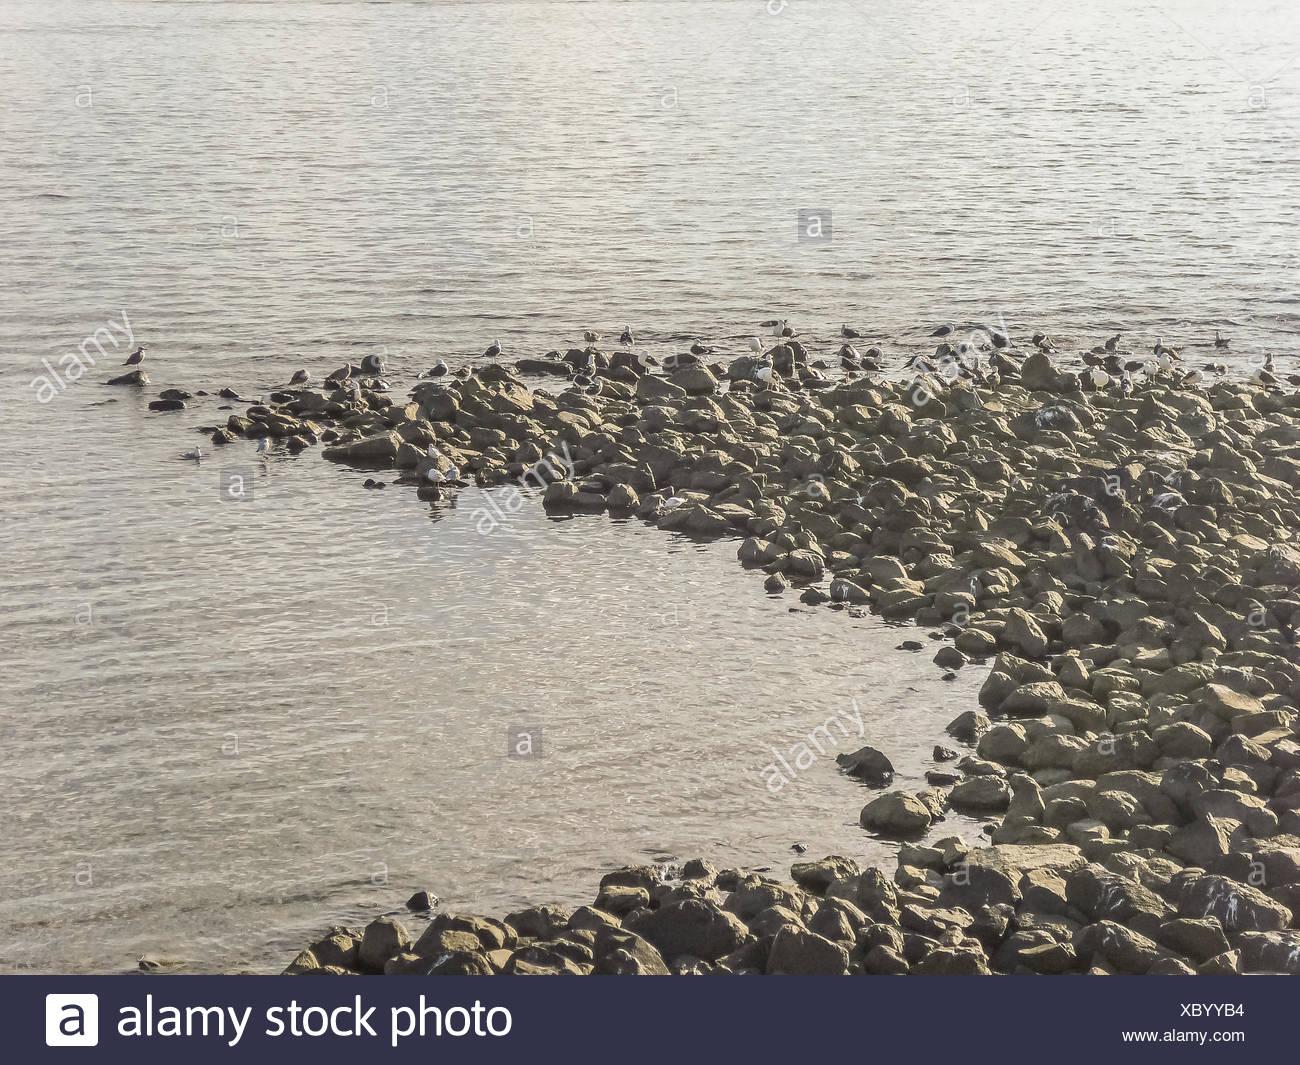 Birds in the Rocks - Stock Image